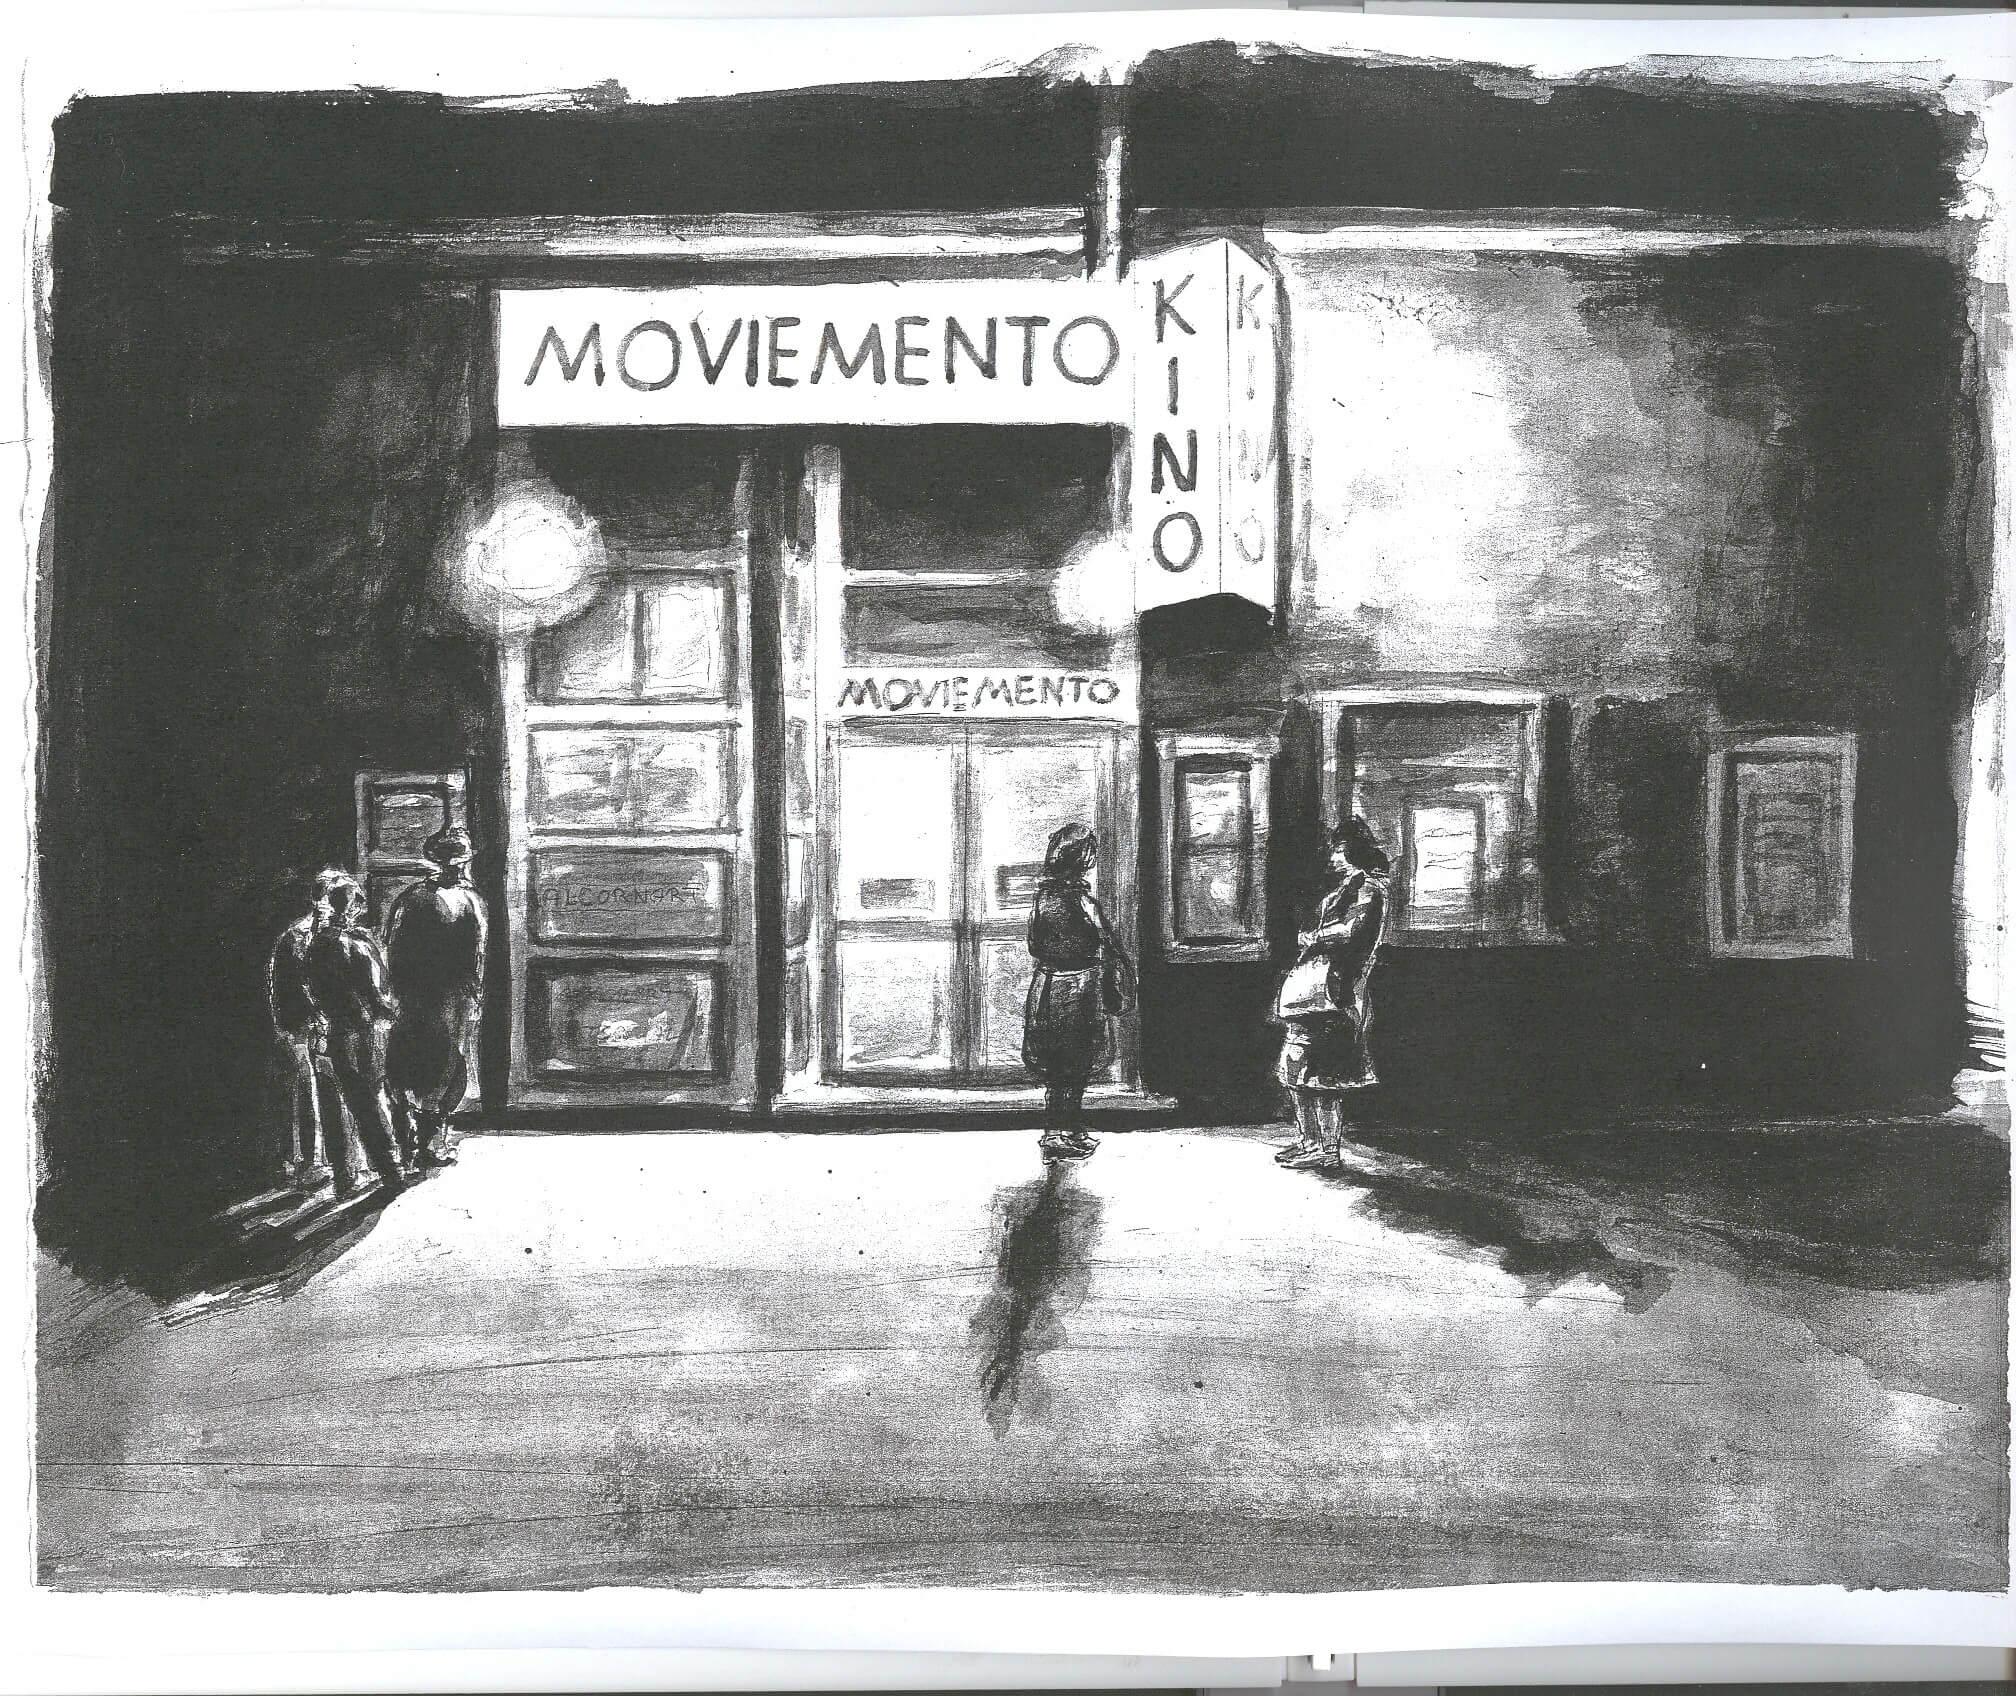 100 Jahre Moviemento – Auf der anderen Seite der Leinwand